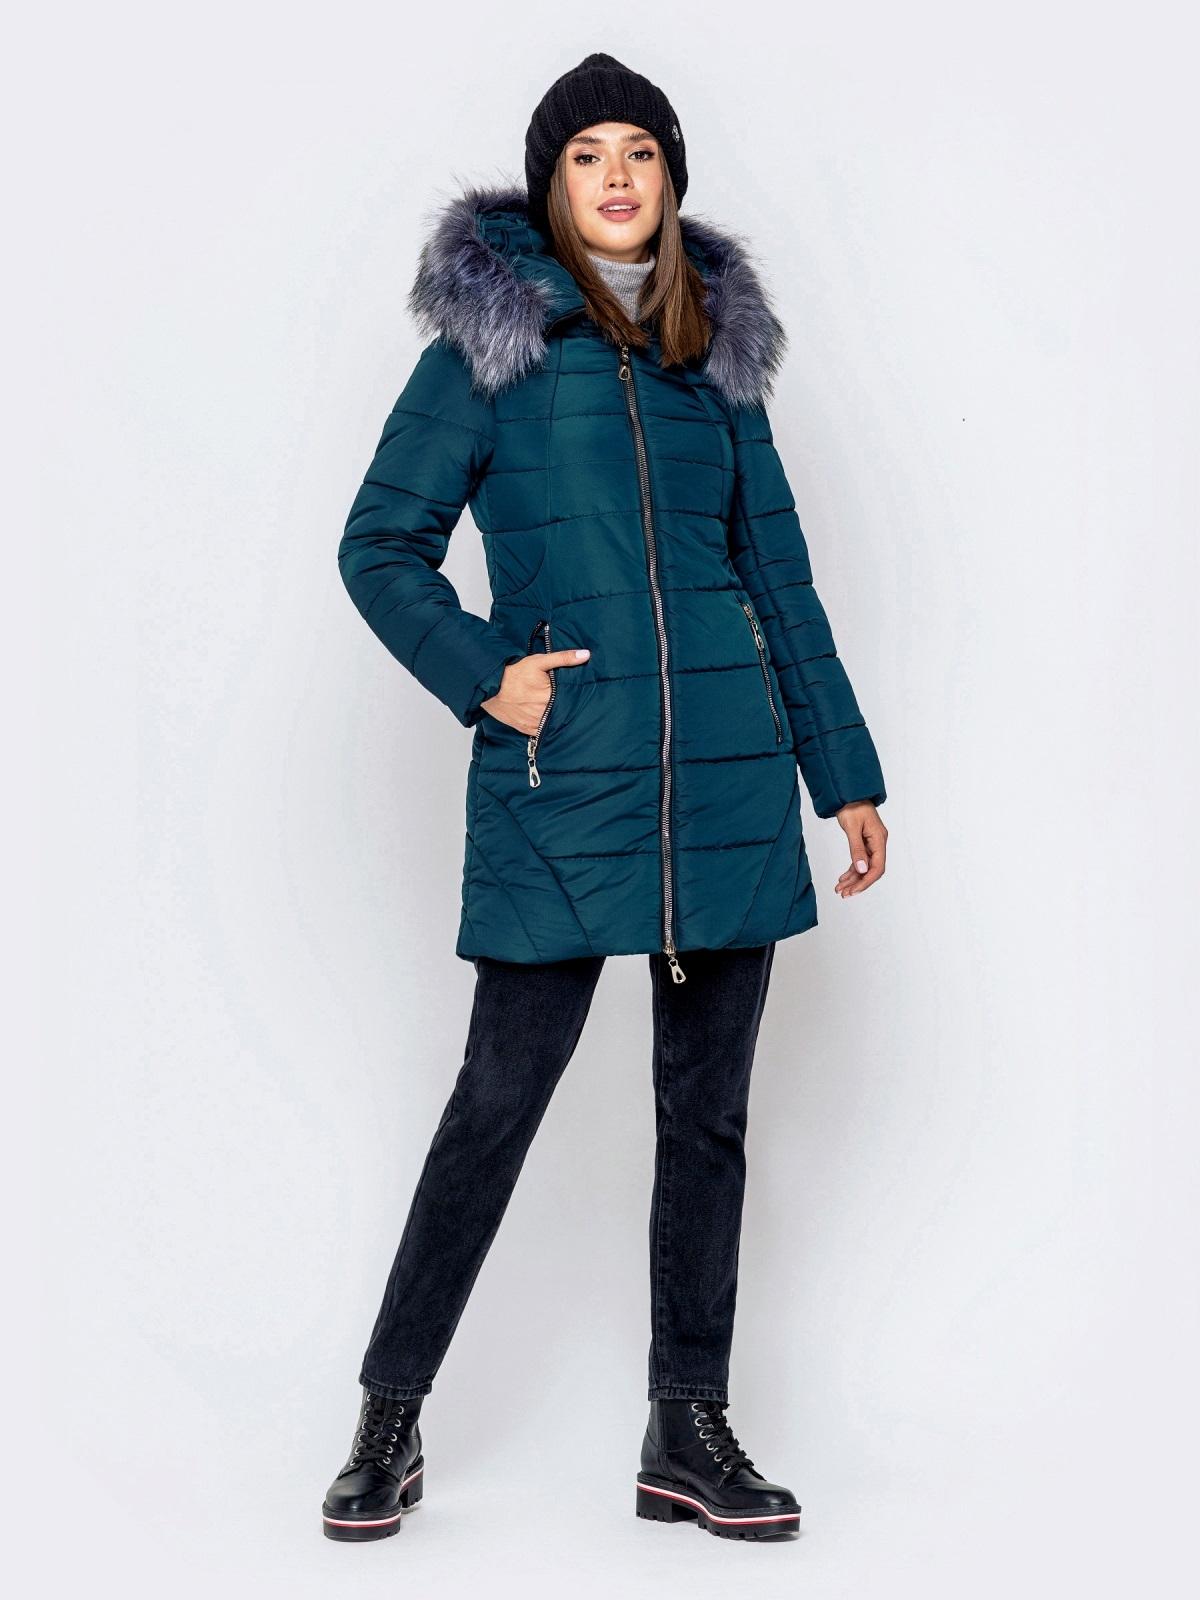 Зимняя куртка зеленого цвета с капюшоном - 40907, фото 1 – интернет-магазин Dressa